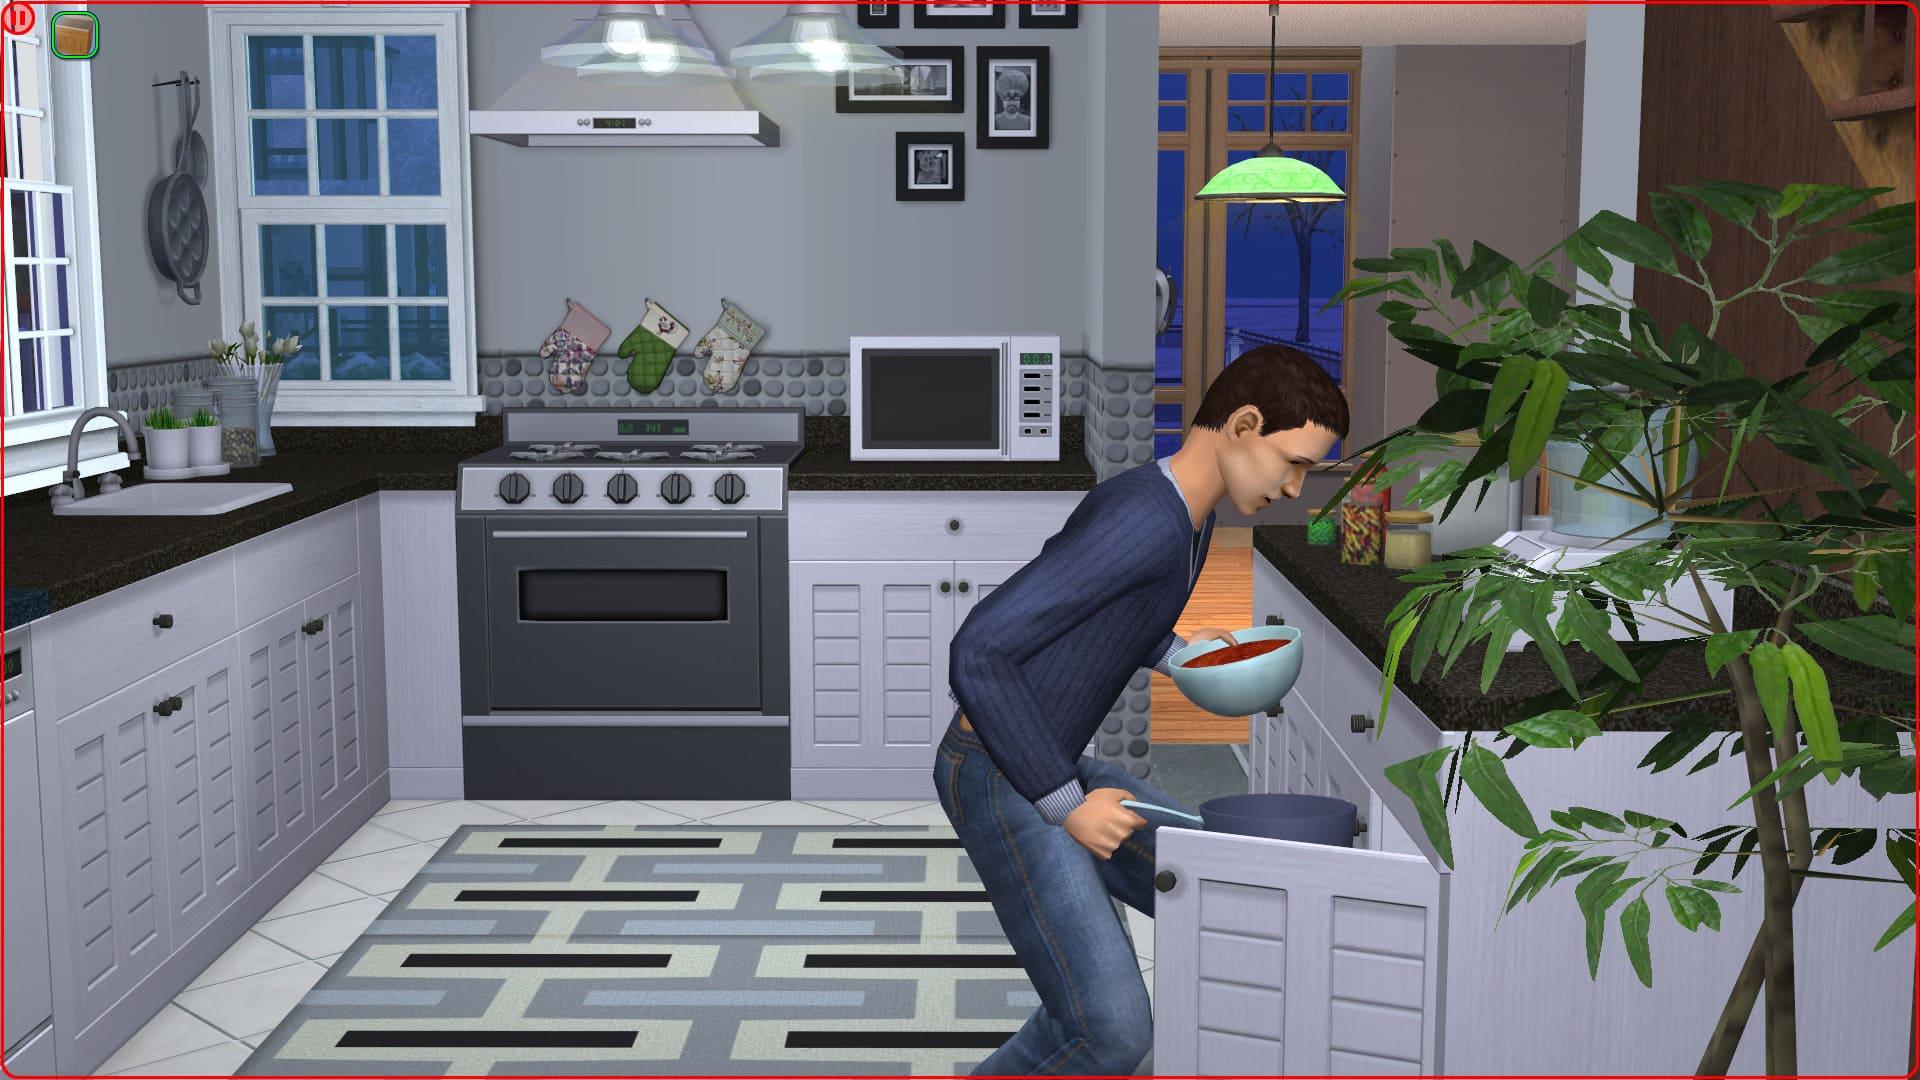 Cinque dettagli di The Sims 2 che ci mancano tutt'oggi - Banconi interagibili